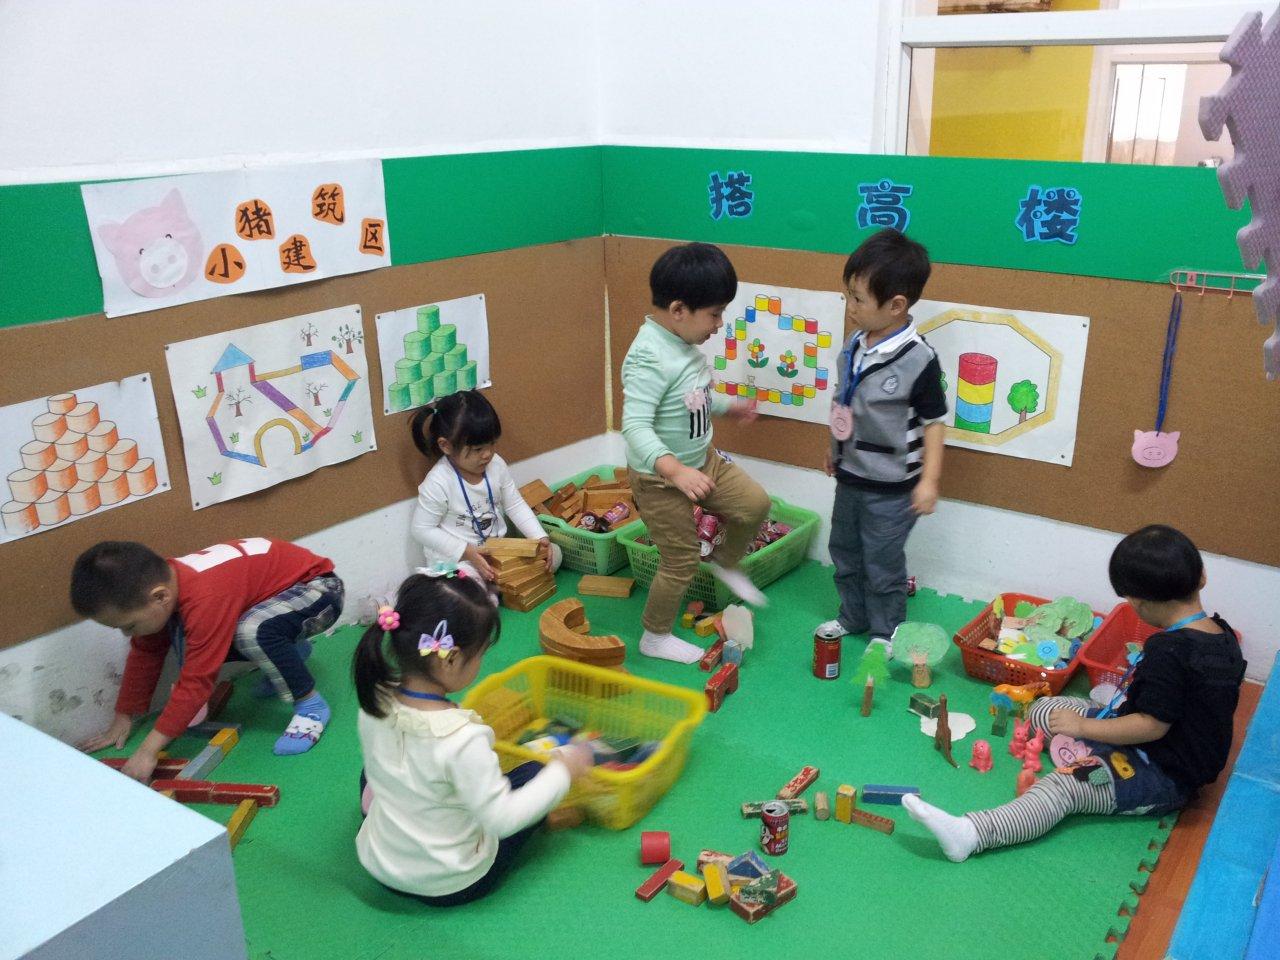 我们的活动室里有好多的区角游戏:喂小动物,铺小路,小小建筑师……小